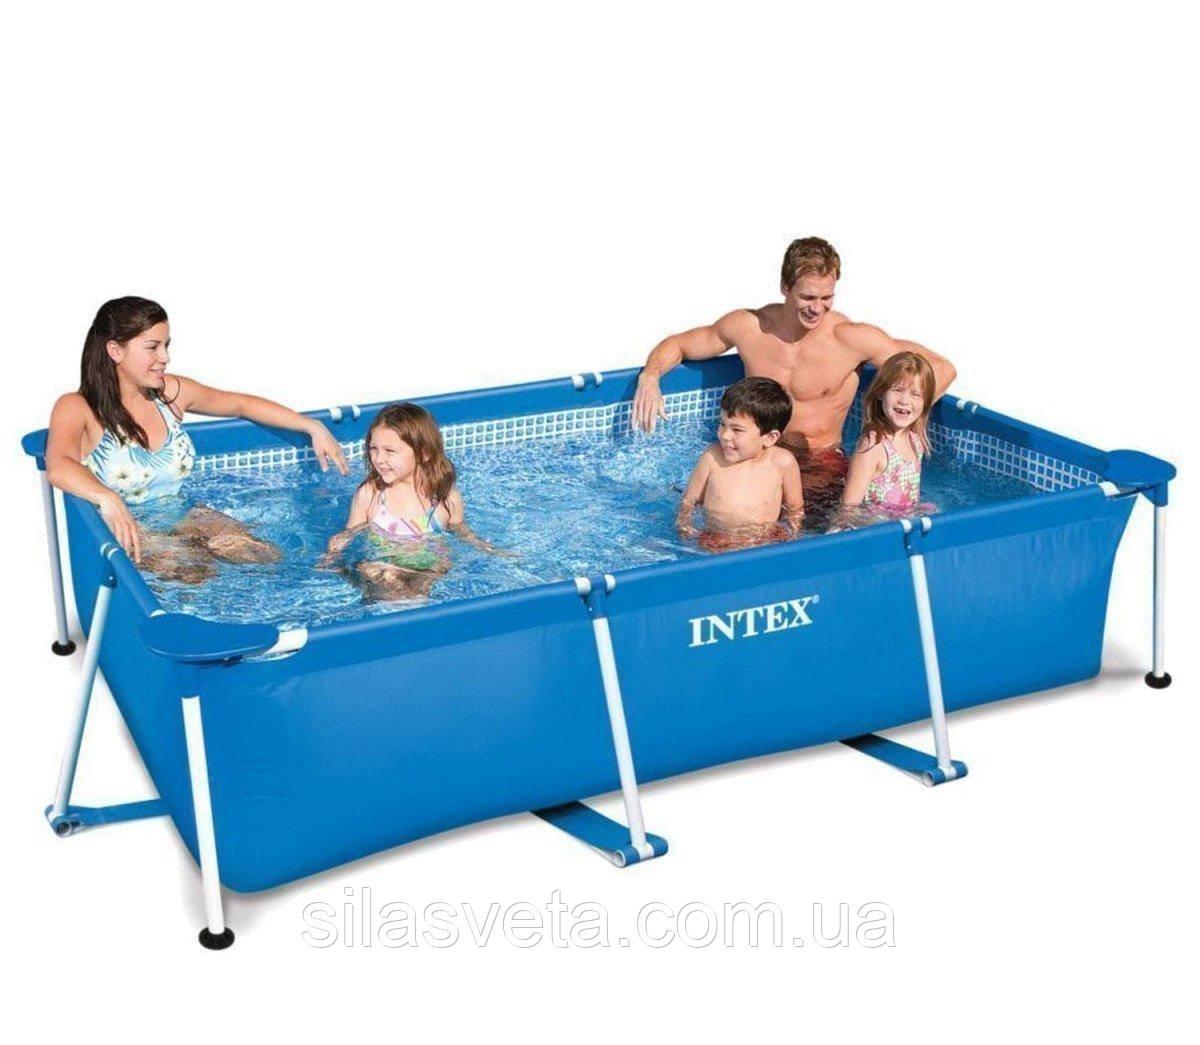 Каркасный семейный бассейн Intex 28271 (260х160х65 см.) объем 2882 л. + подстилка и тент.